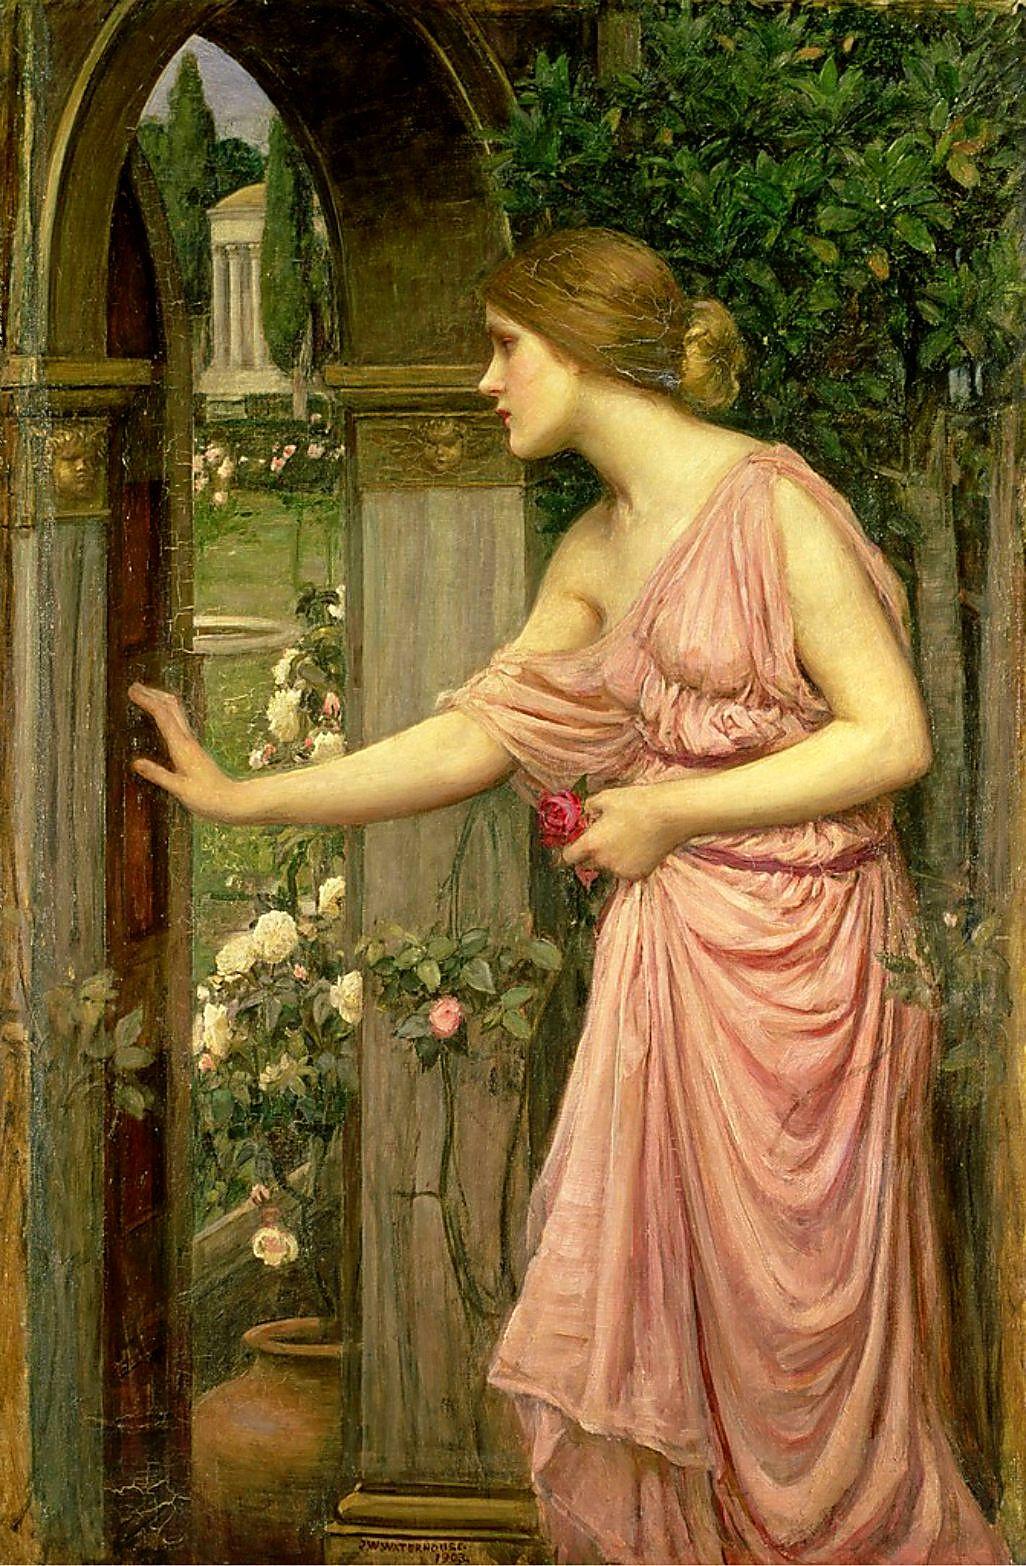 Psyche entering the garden of Cupid